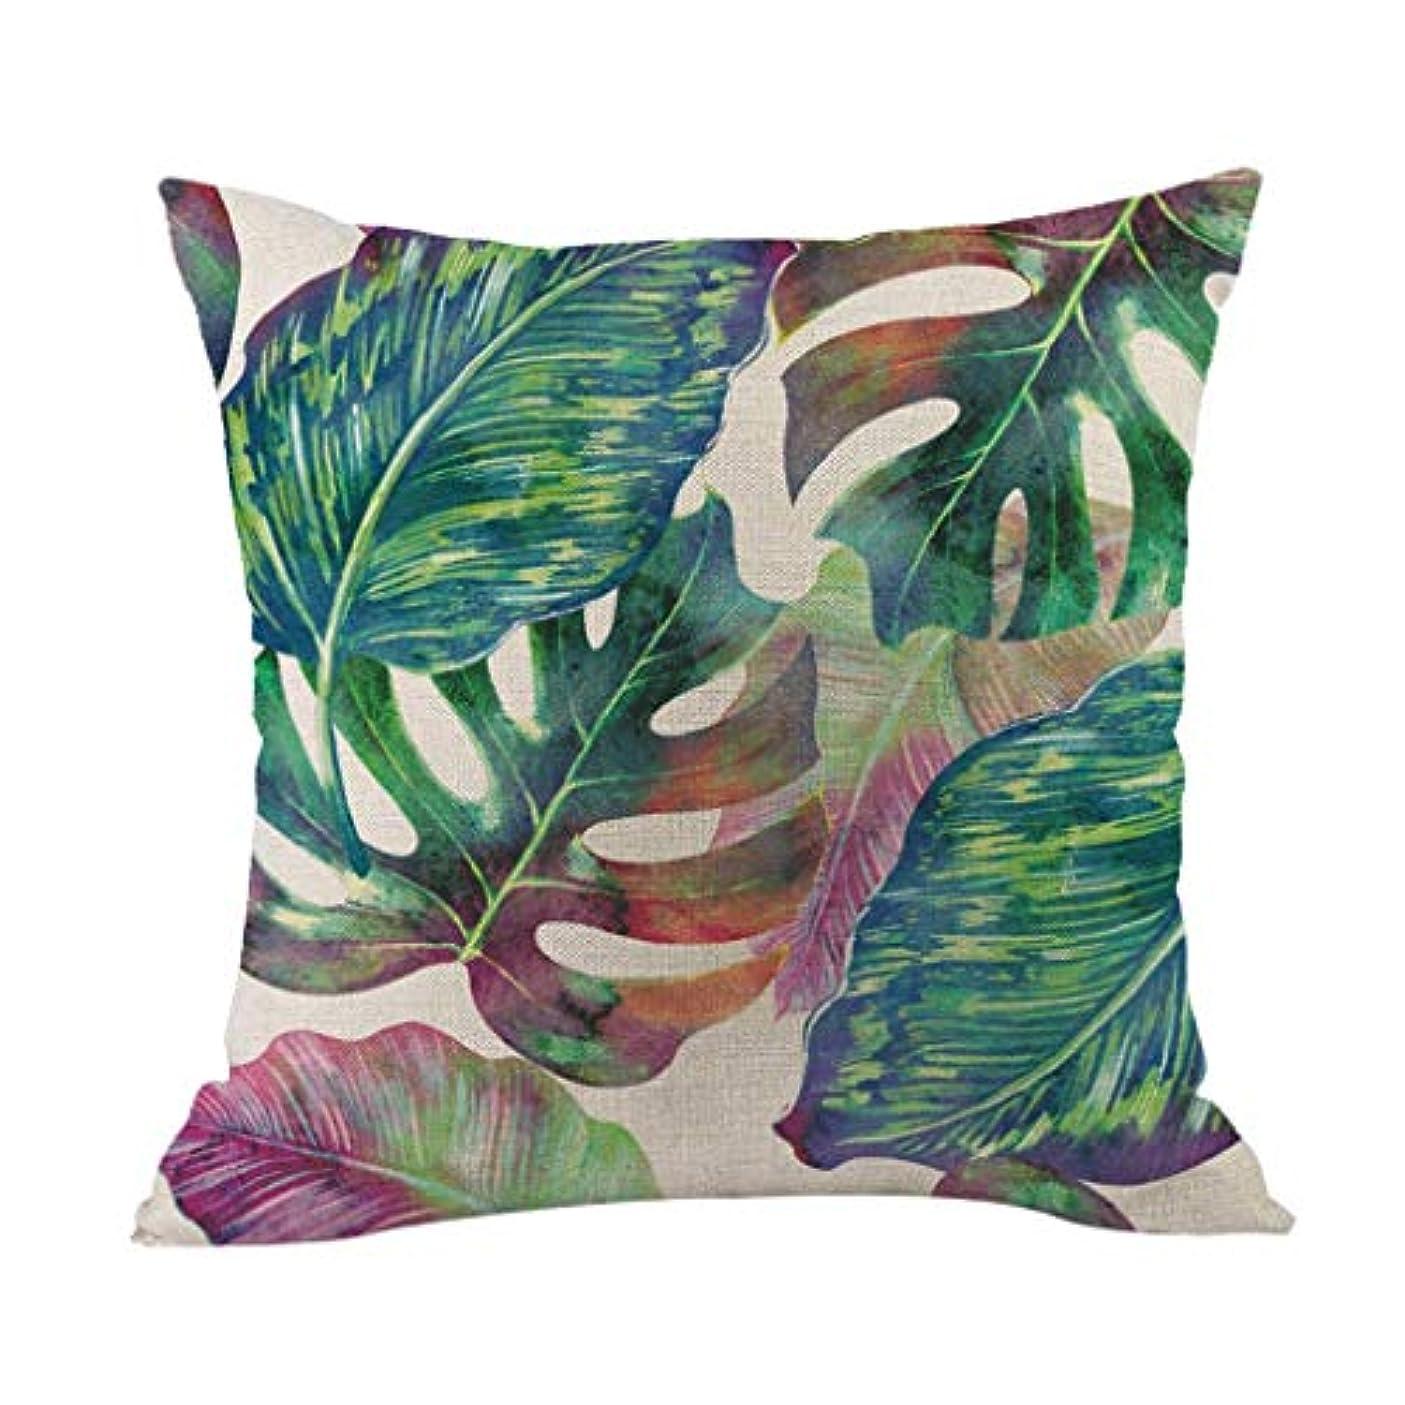 フラップ時代敬意を表してLIFE 高品質クッション熱帯植物ポリエステル枕ソファ投げるパッドセットホーム人格クッション coussin decoratif クッション 椅子